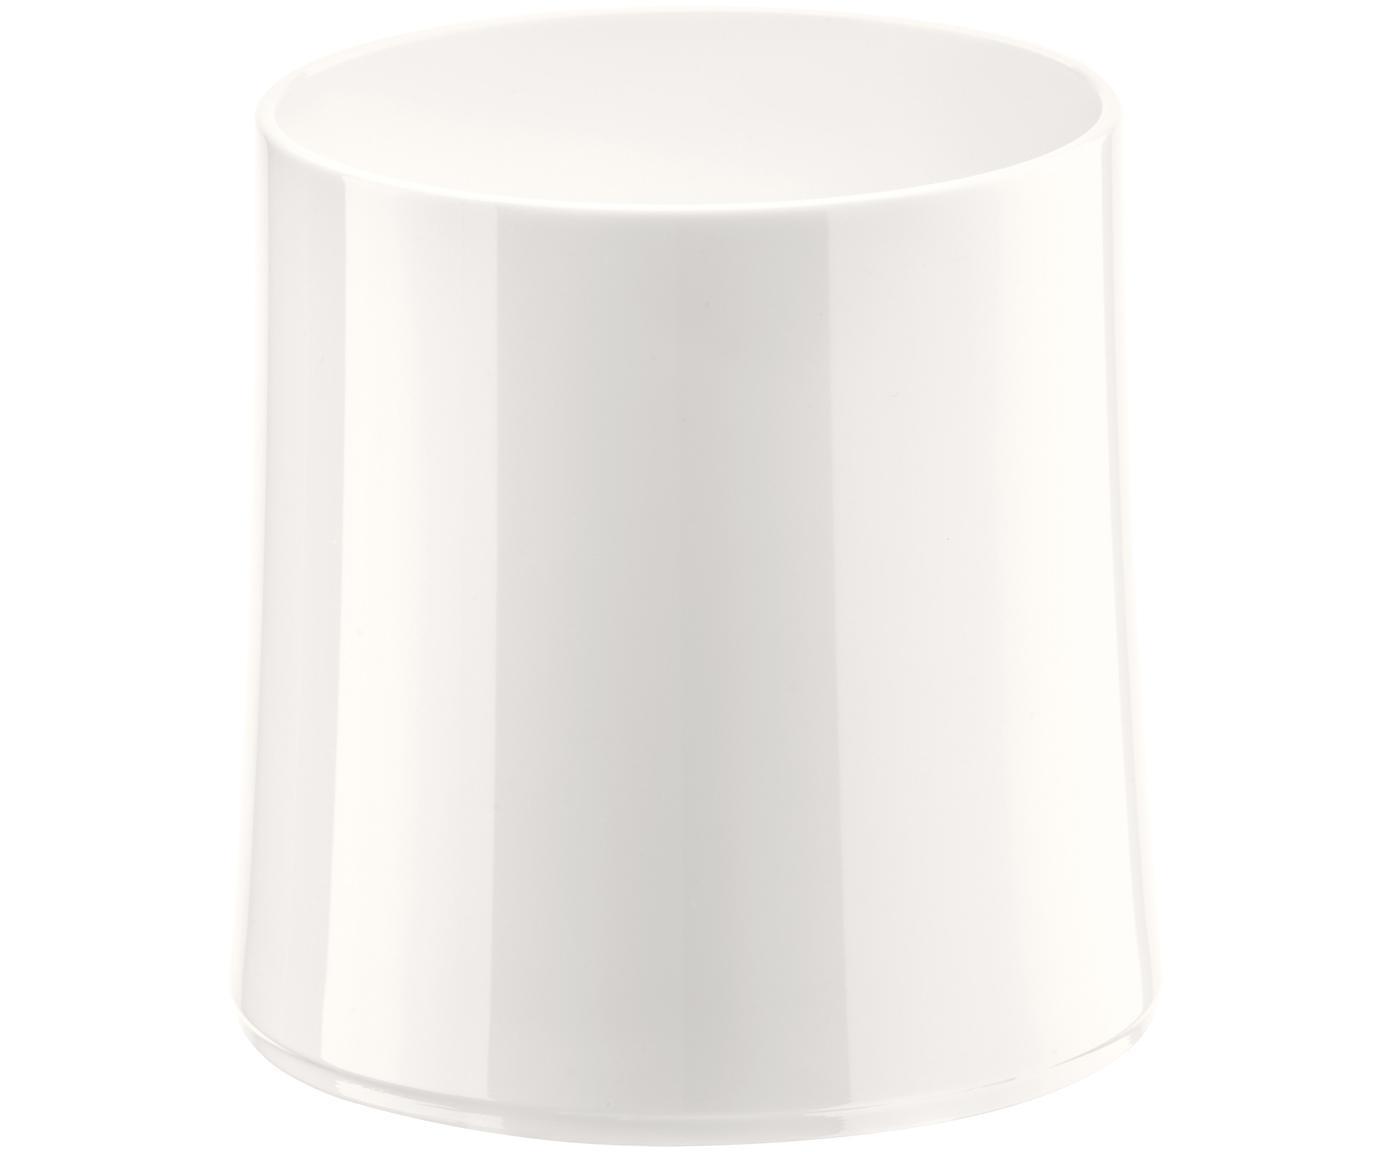 Nietłukąca się szklanka do wody z tworzywa sztucznego  Cheers, Tworzywo termoplastyczne (włókno szklane), Biały, błyszczący, Ø 9 x W 9 cm